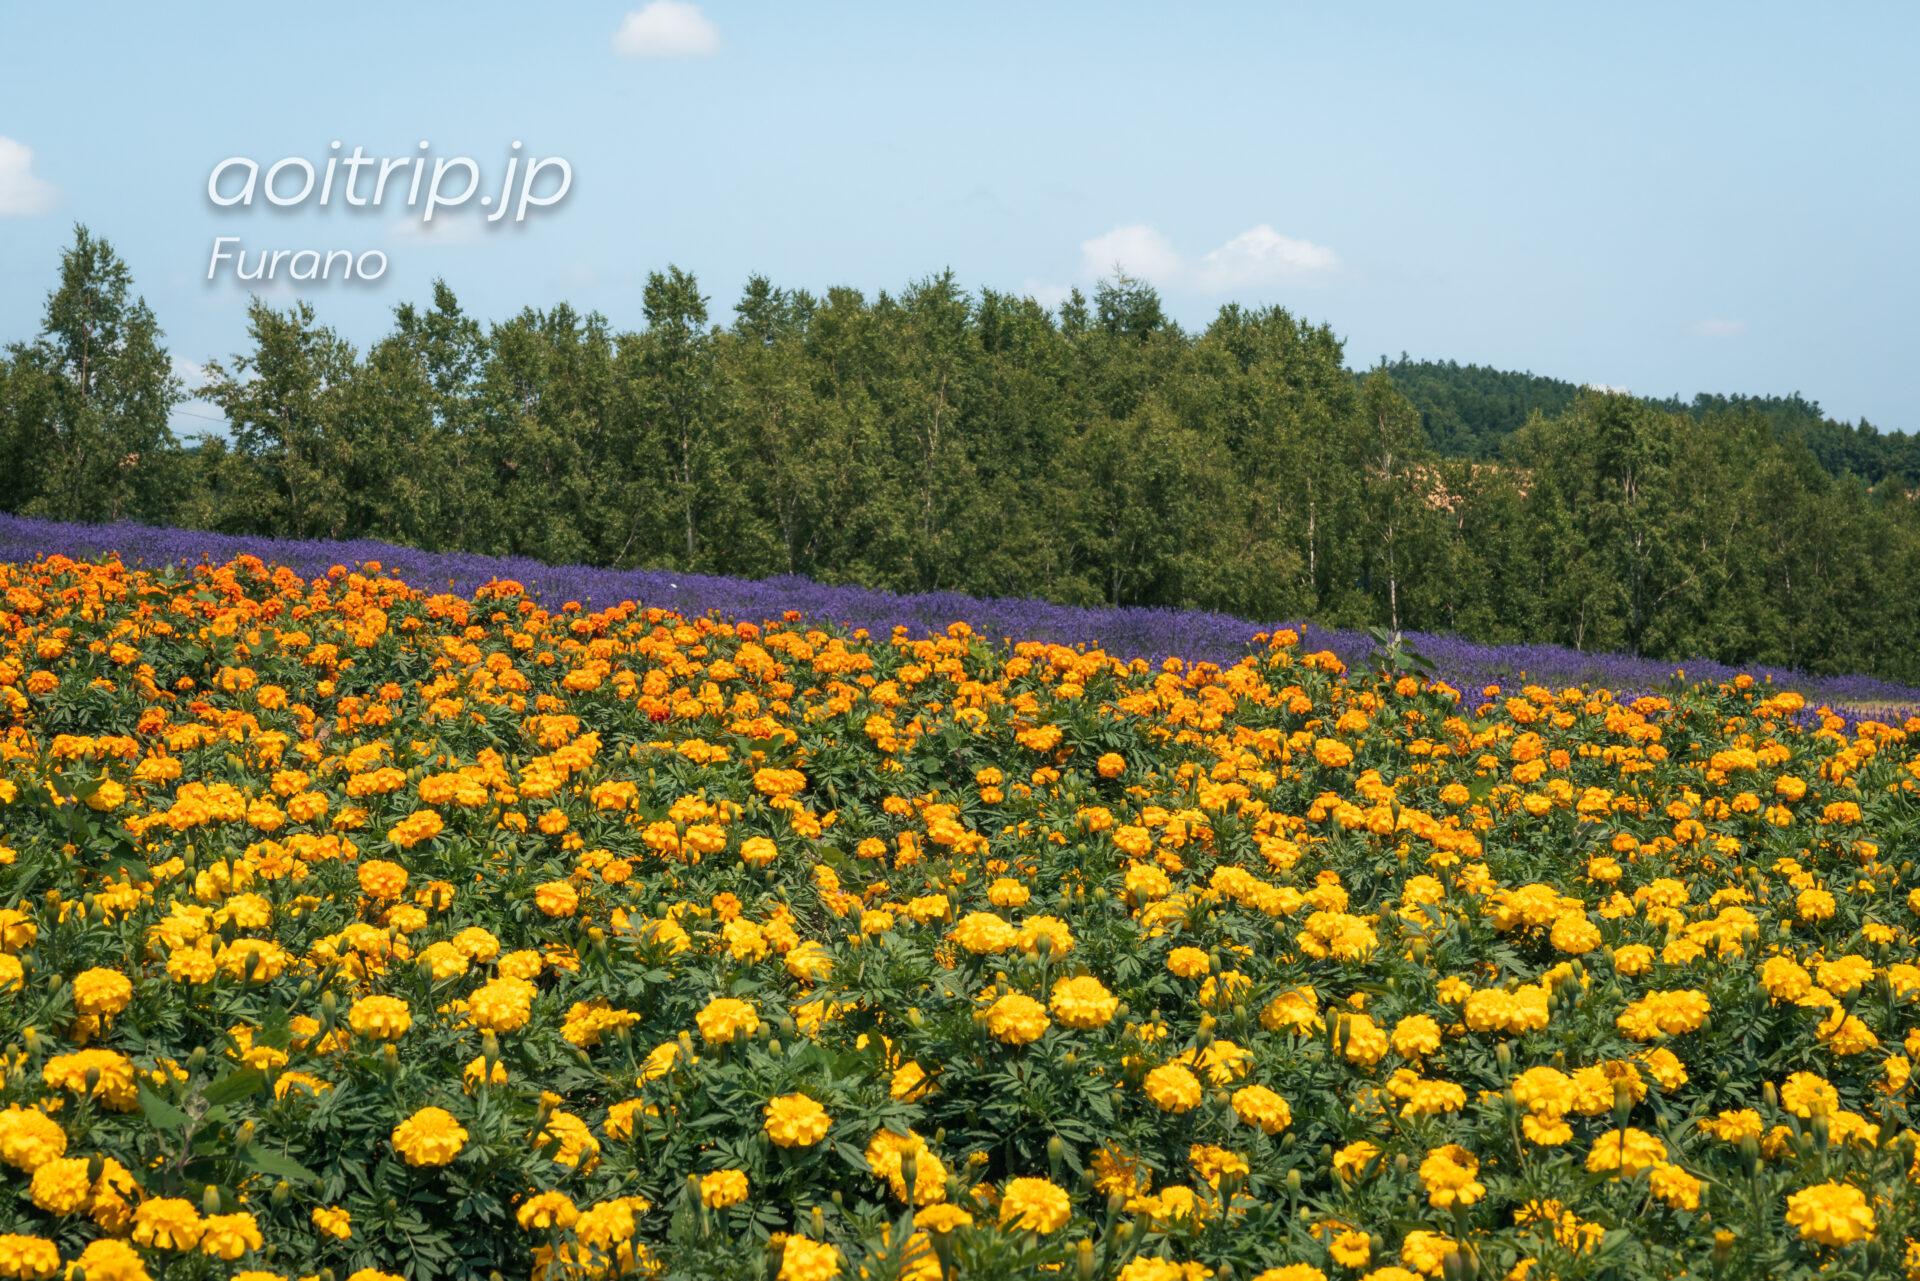 フラワーランドかみふらの Flowerland Kamifurano ラベンダー